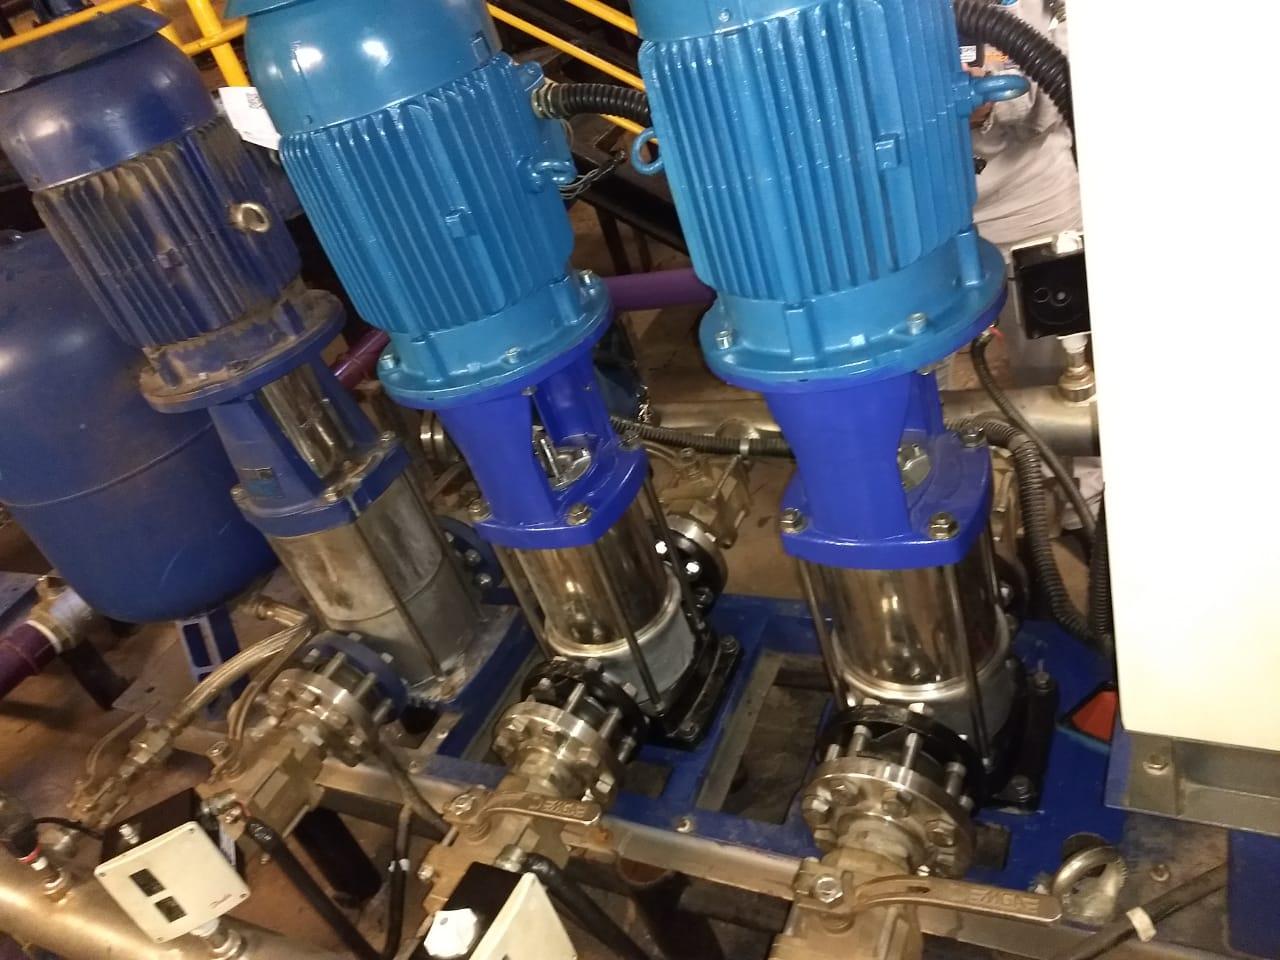 Imagem 2 - Shop. Passeio das Águas - Goiânia - GO - Gestão de Manutenção - Substituição de Bombas